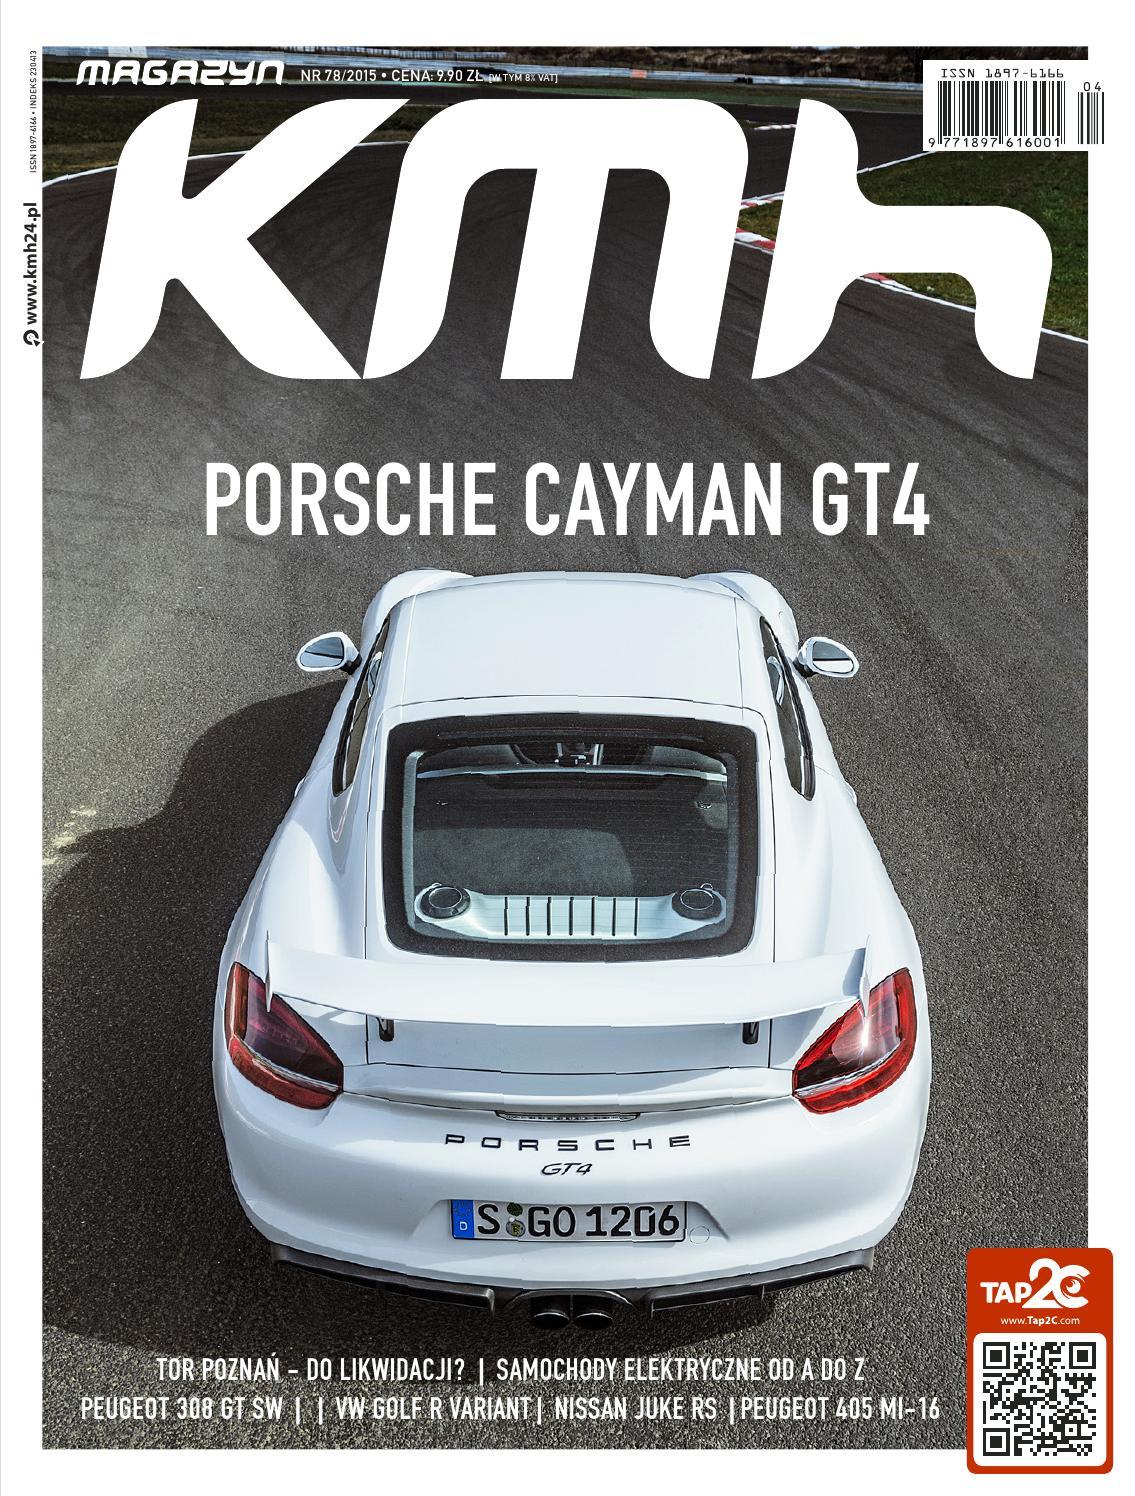 129a32ba kmh magazine 78 by kmh media group - issuu